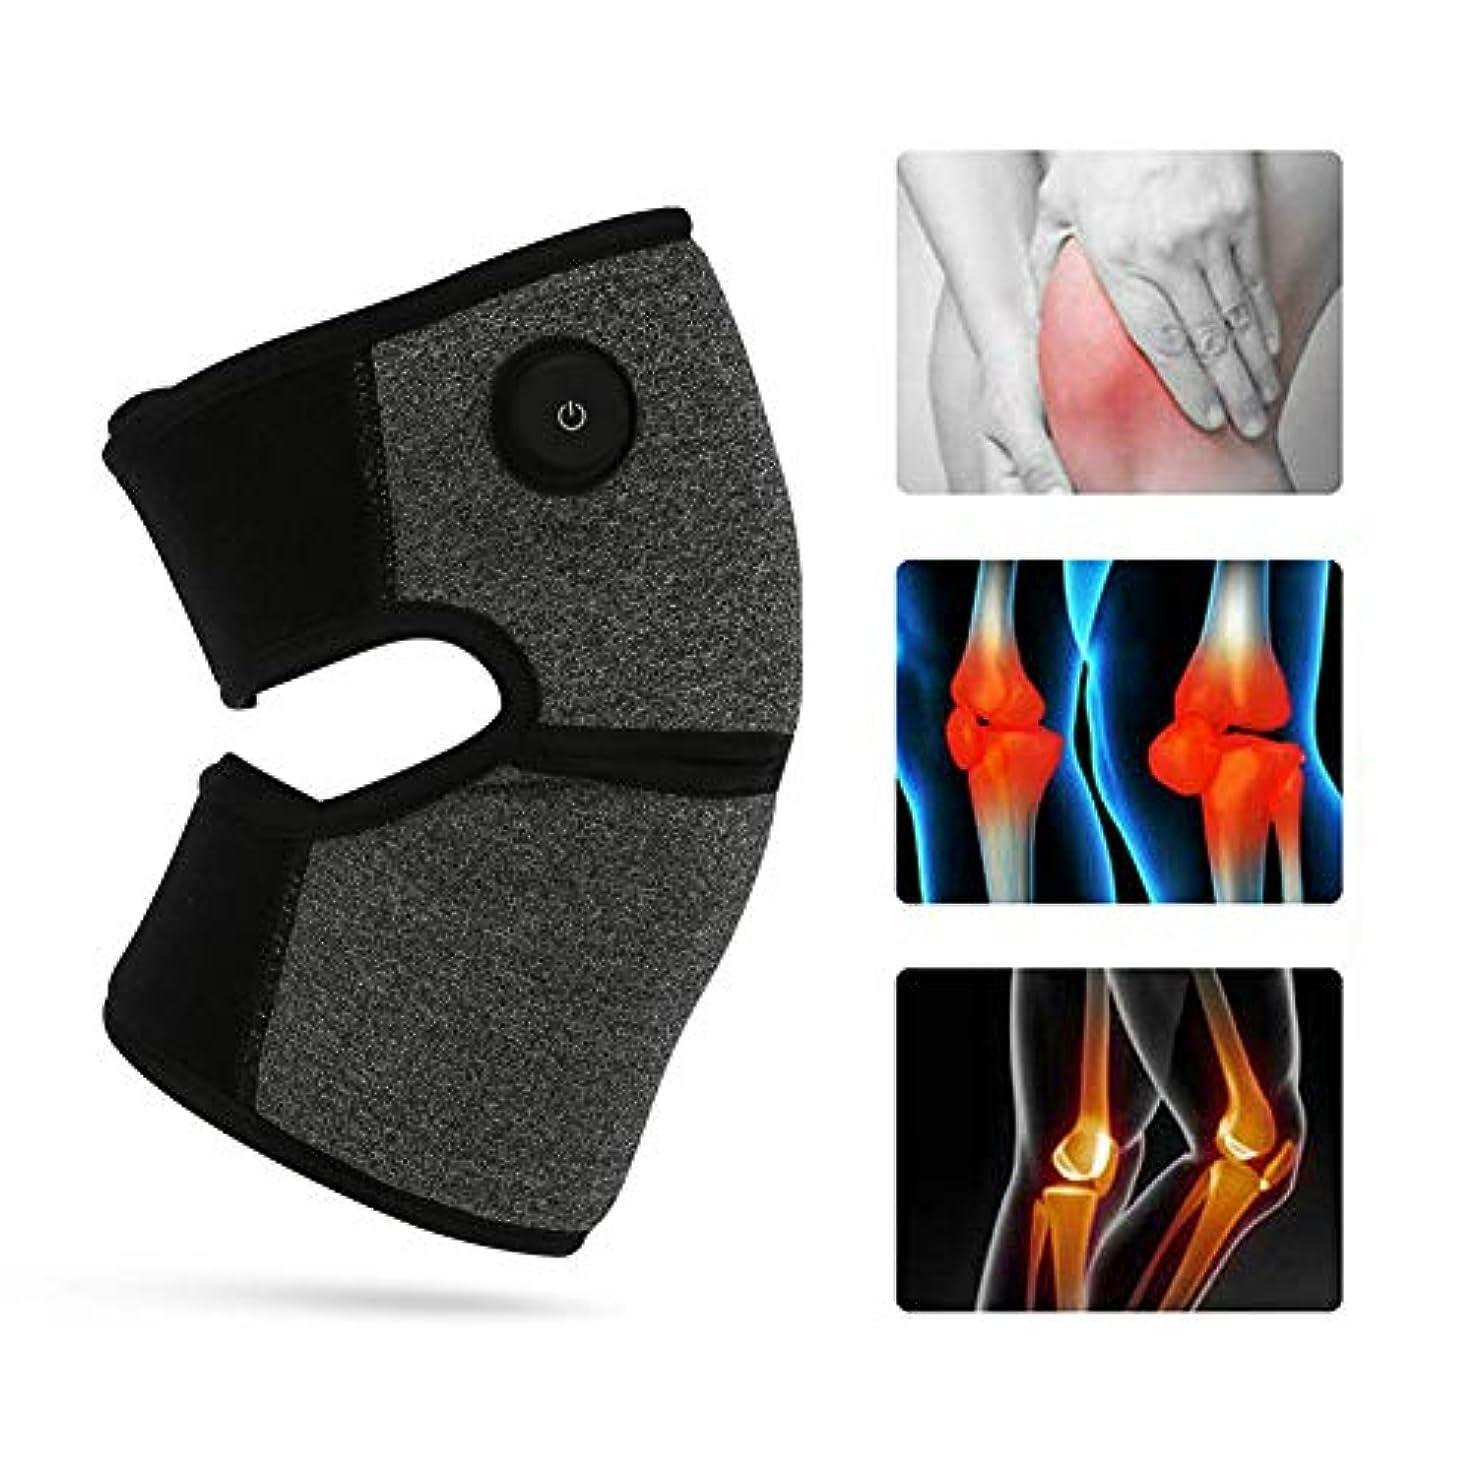 販売員さておき言う電気加熱膝パッド加熱膝ブレースラップサポート療法ホット圧縮3ファイル温度で関節炎膝の痛み,1pc